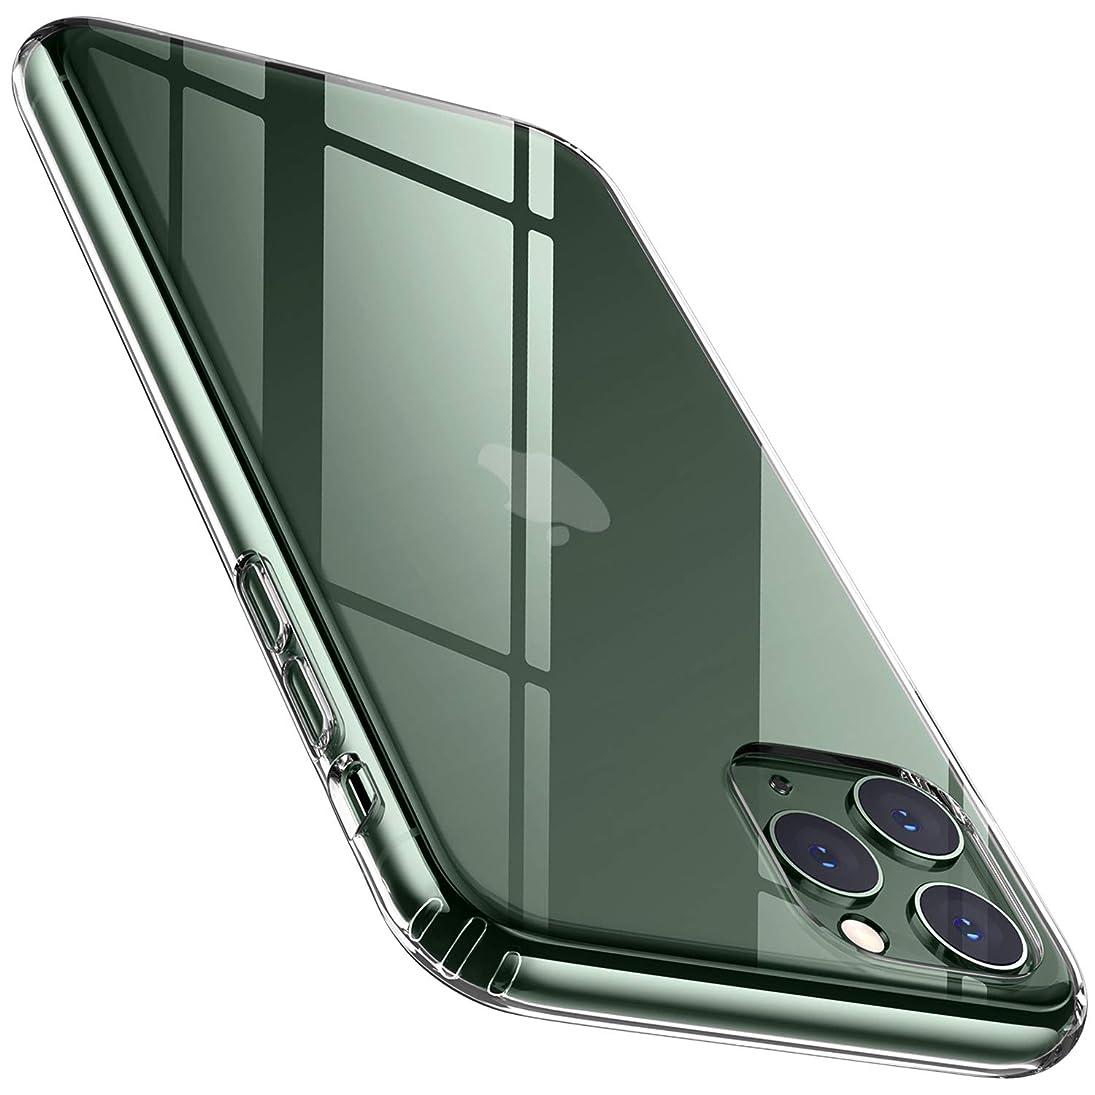 ドラマフリース飛行場DTTO iPhone 11 Pro ケース 5.8インチ クリア PC背面 TPUバンパー 薄型 耐衝撃 米軍MIL規格 高透明 三層構造 黄変防止 四隅滑り止め ワイヤレス充電対応 傷つき防止 クリア